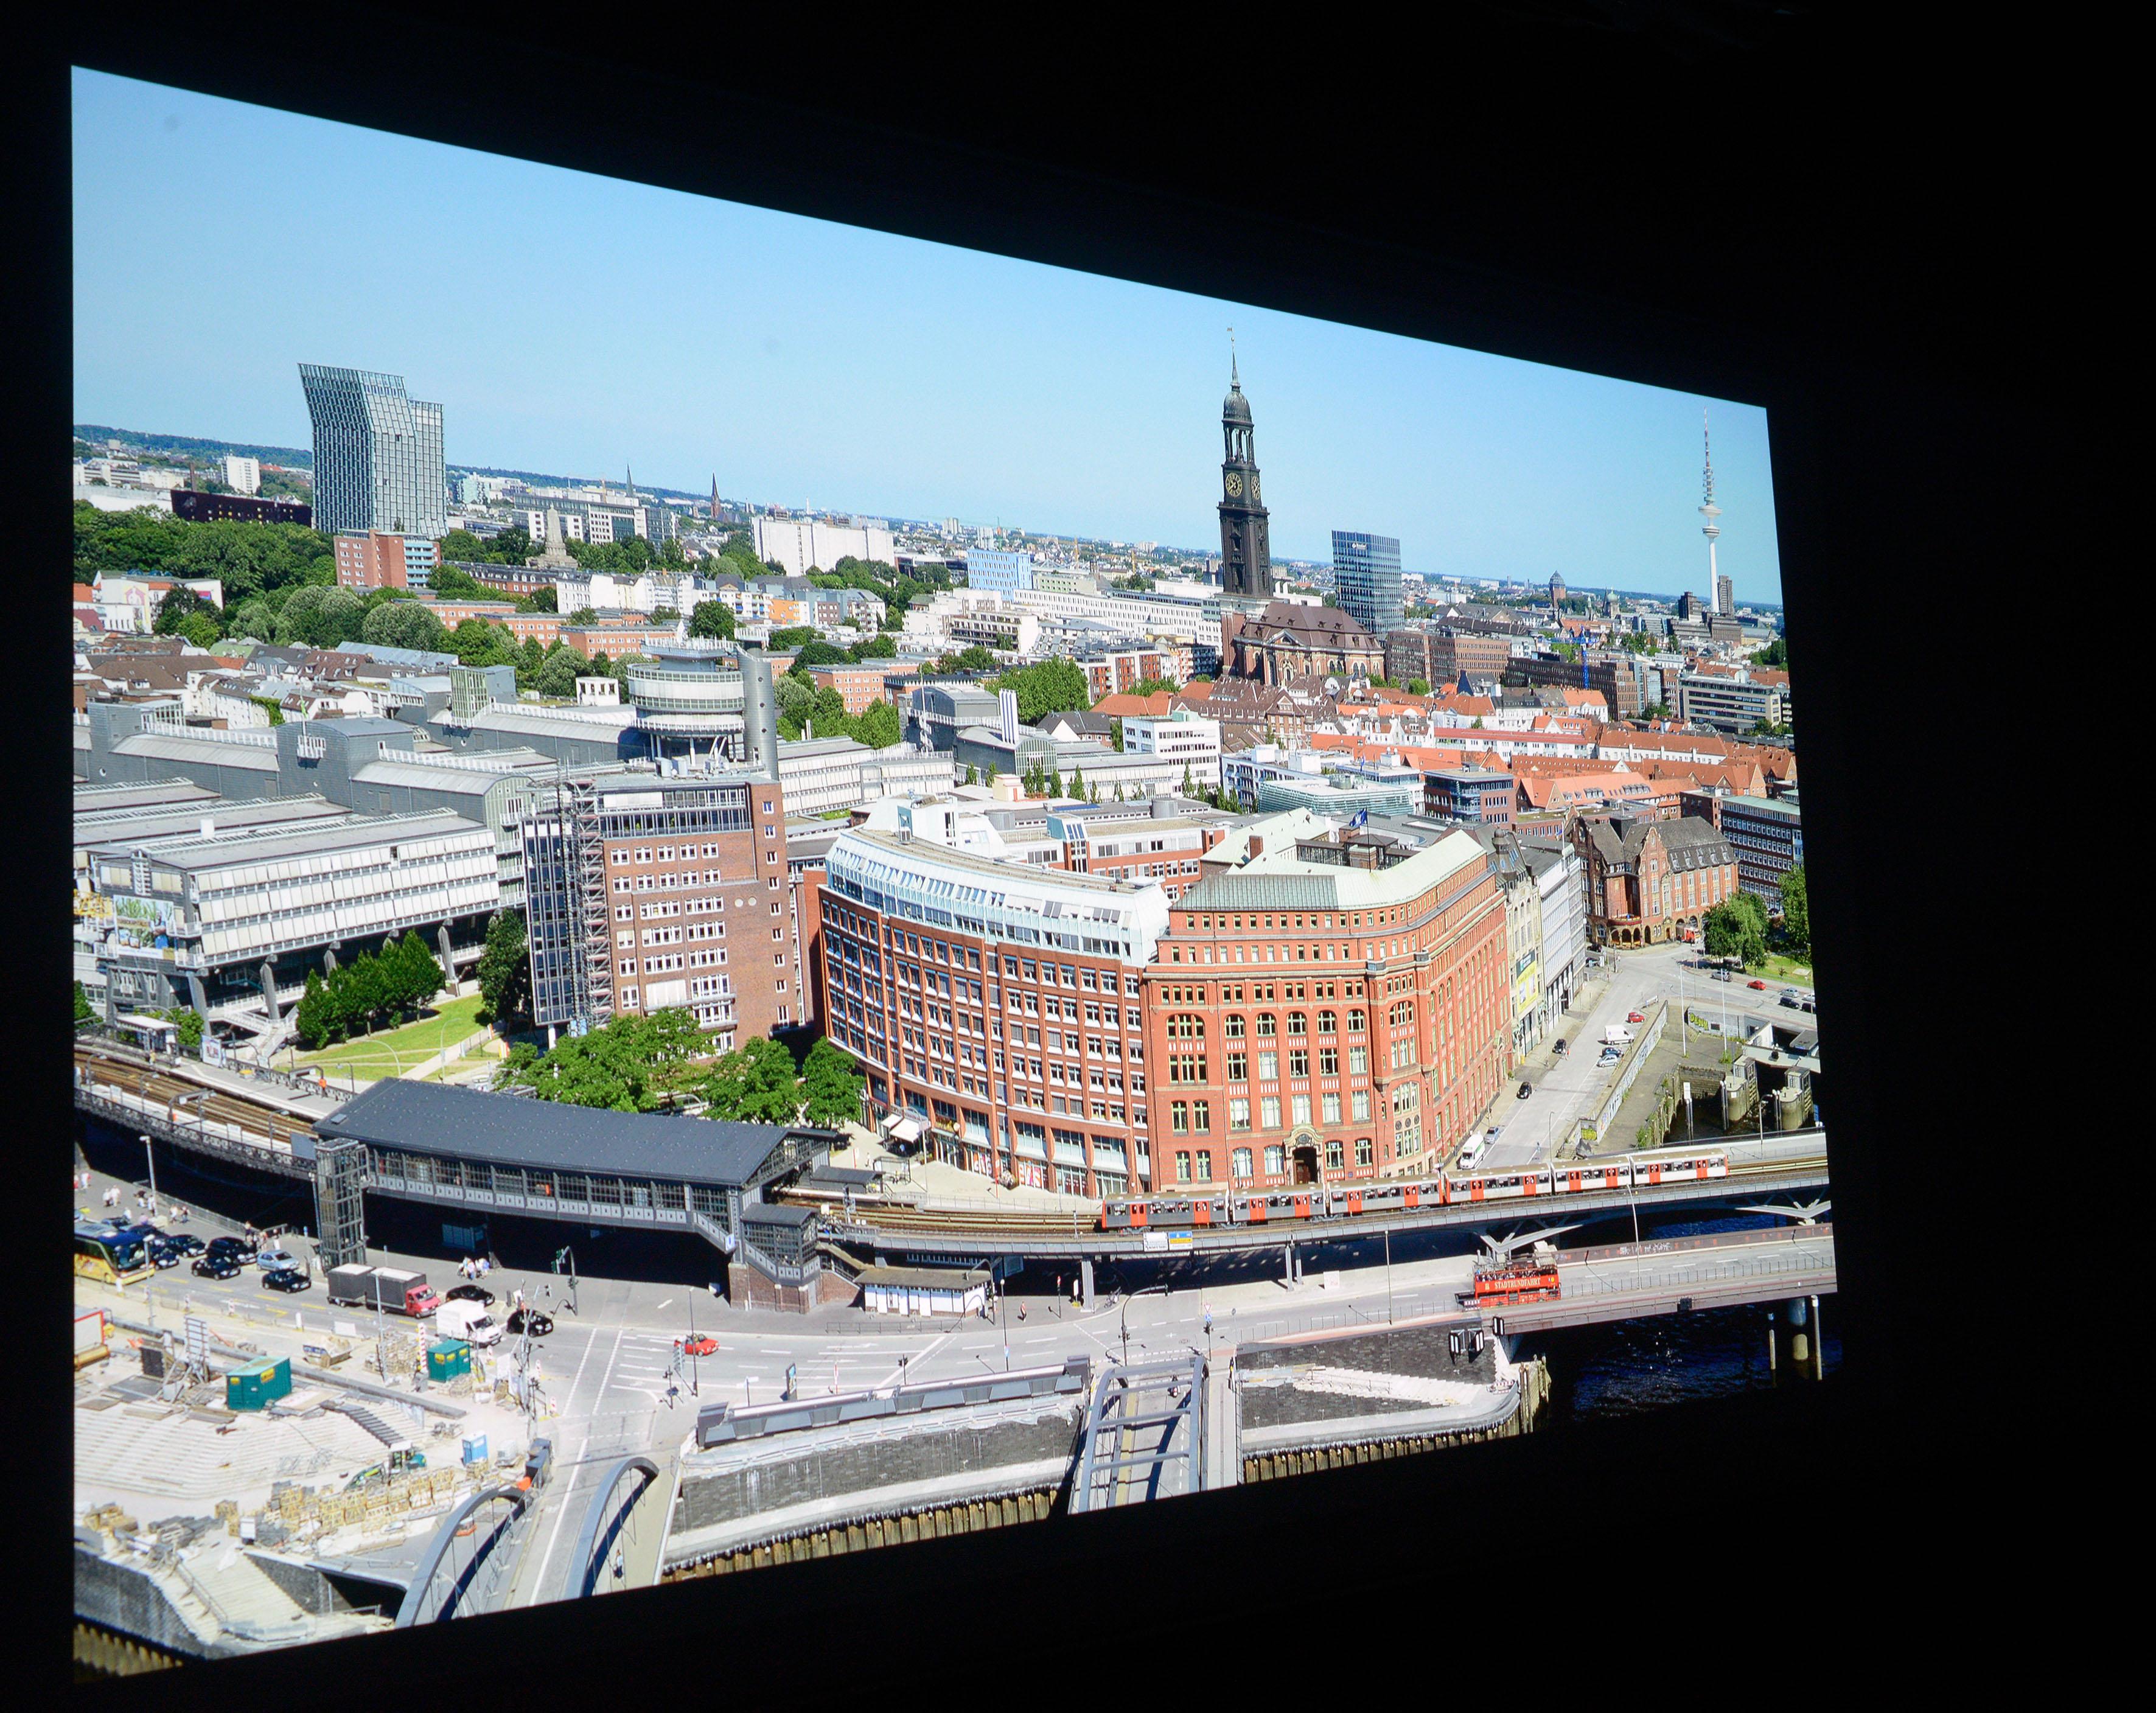 Foto: Michael B. Rehders (Originalaufnahme) Diese Panoramaaufnahme von Hamburg habe ich aus der 21. Etage des Hanseatic Trade Centers geschossen. Die Ursprungsauflösung beträgt 36 Megapixel. Diese Datei habe ich auf UHD-Auflösung herunterskaliert. Sie dient mir als Referenz für diverse Projektoren-Tests.